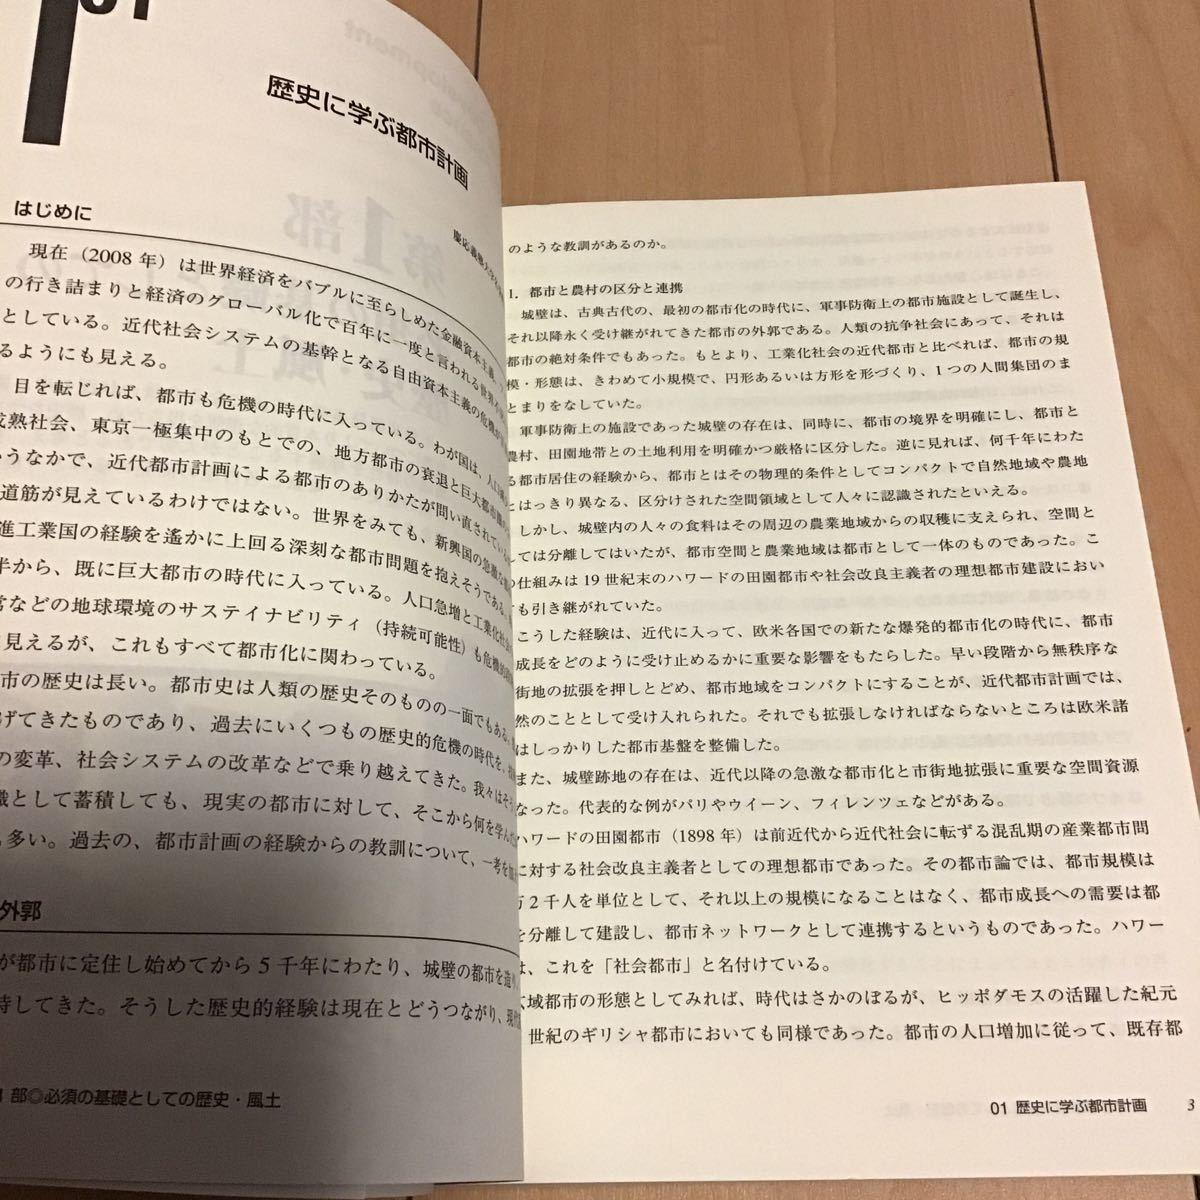 激動! 不動産 不動産開発事業のスキームとファイナンス(2) 清文社 2009年7月 初版発行_画像10